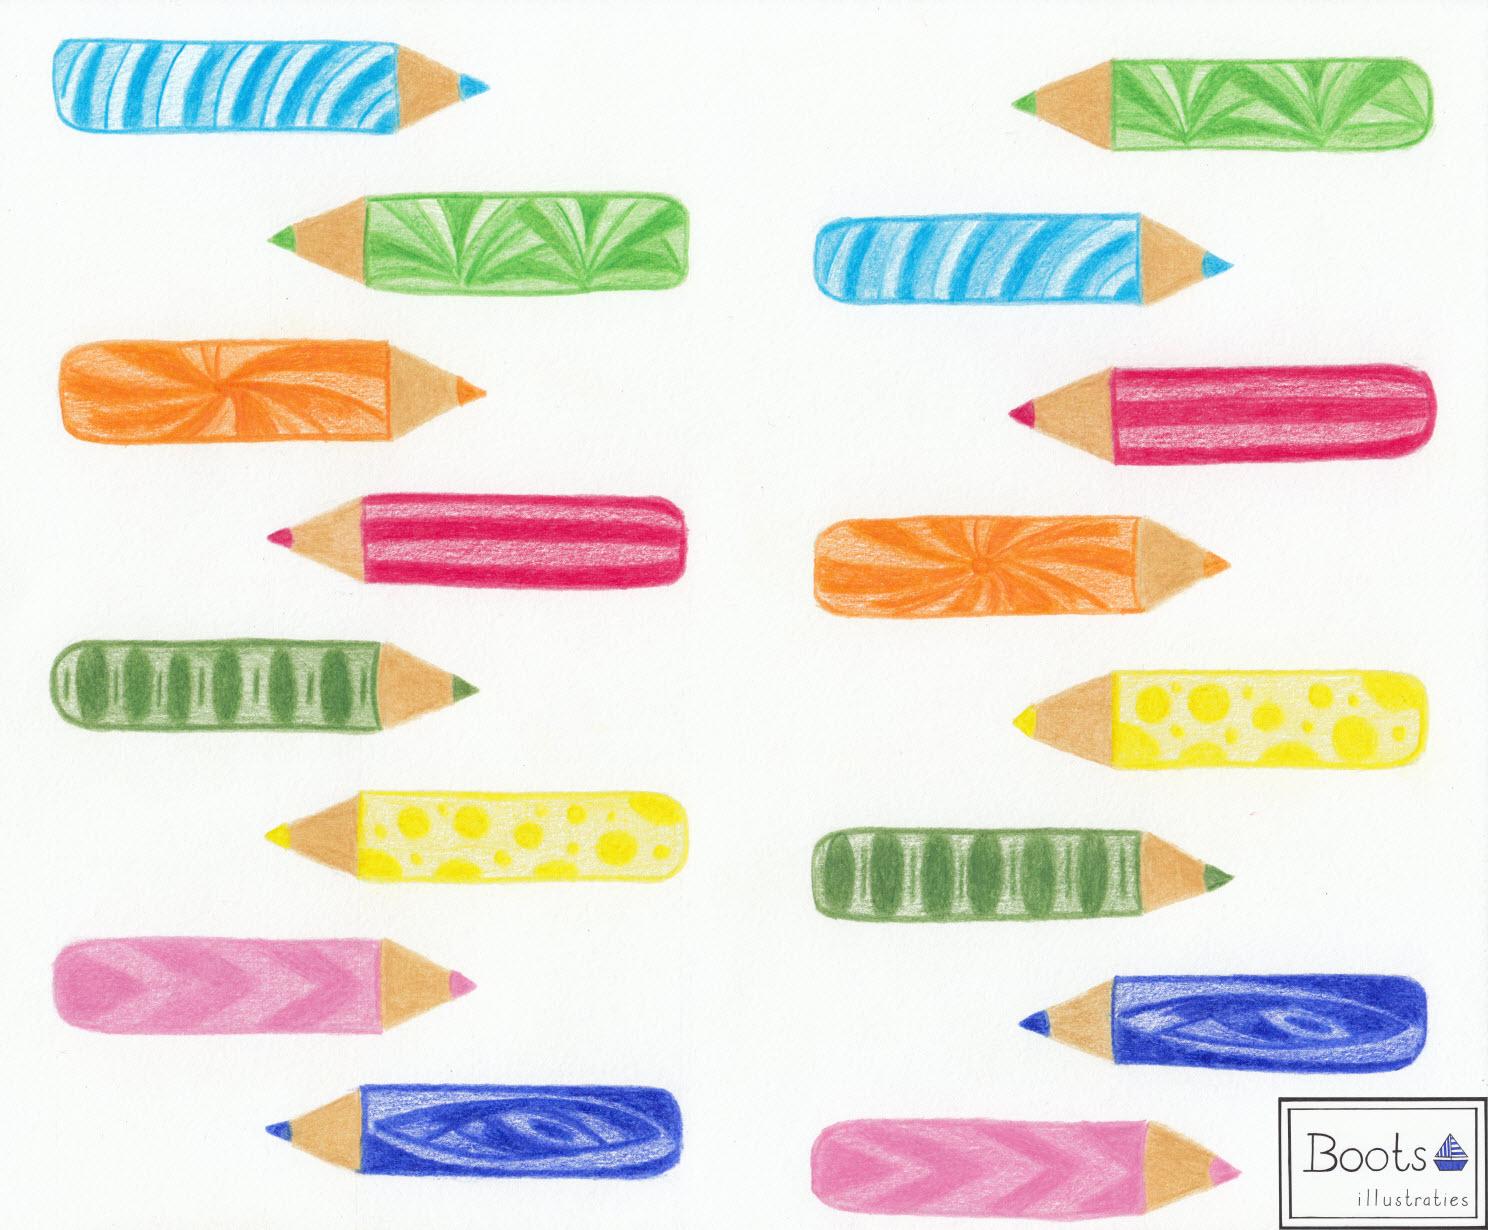 Patroon gekleurde potloden